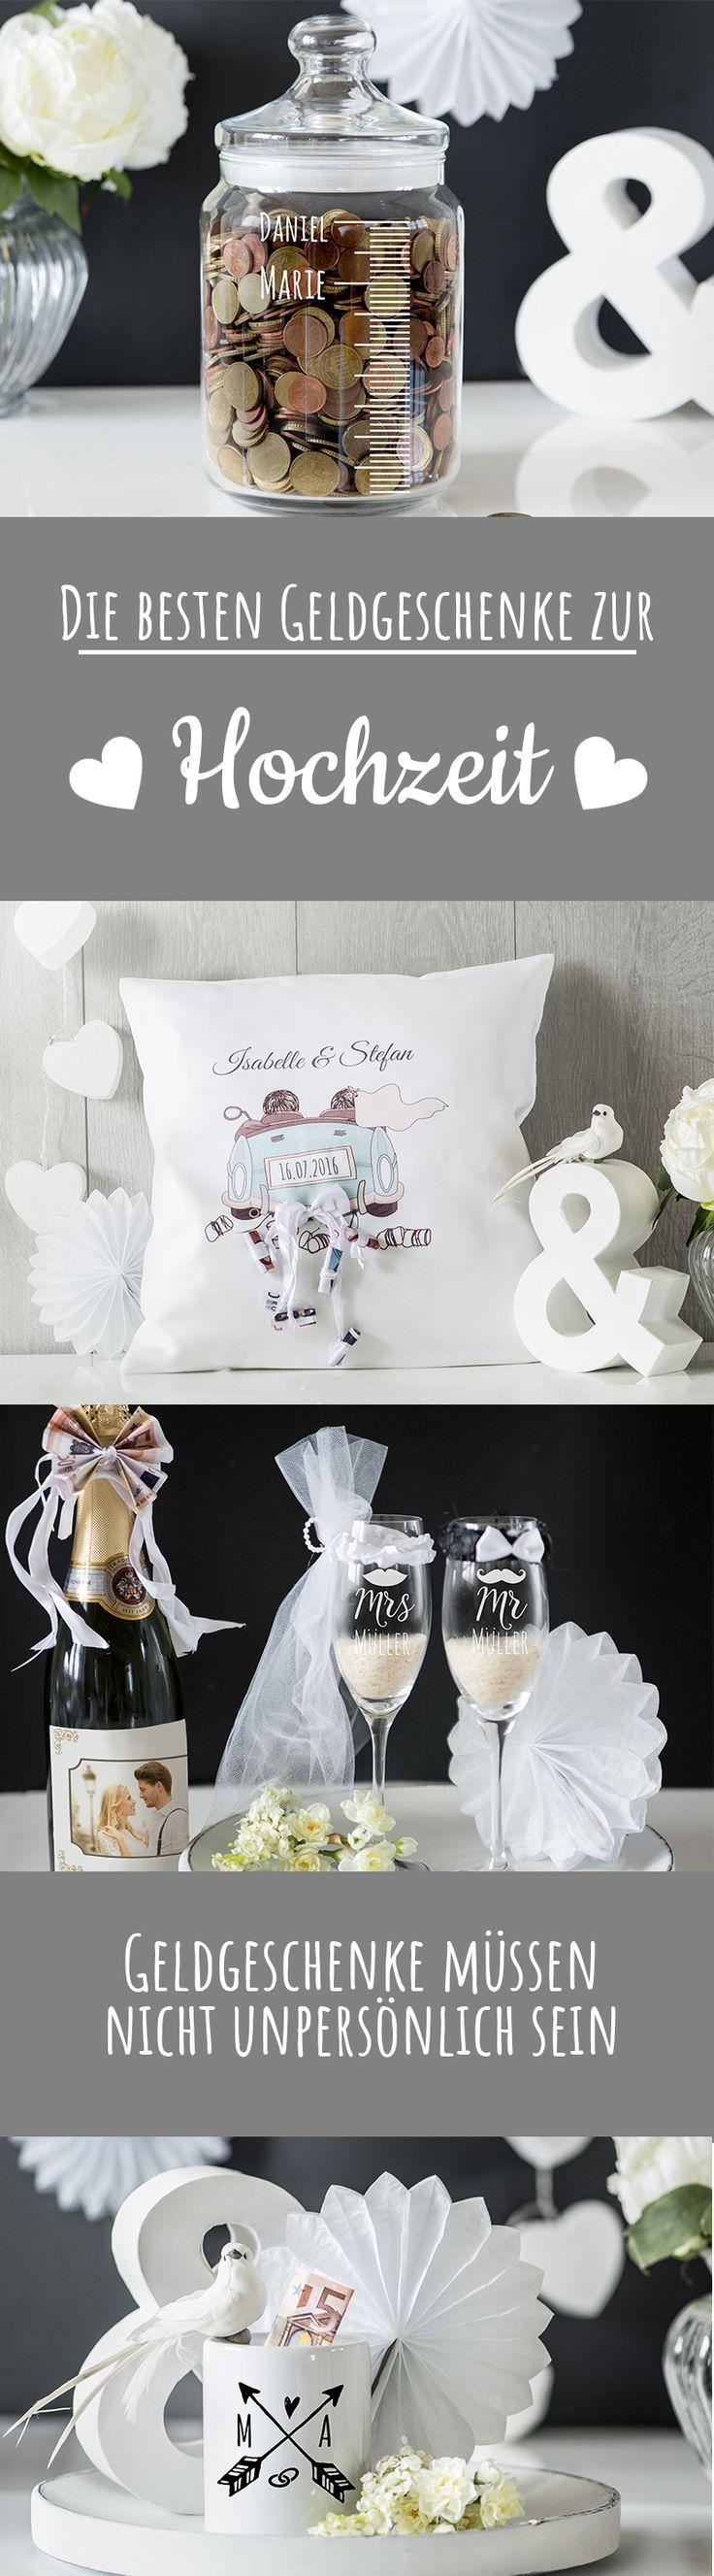 Die besten Geldgeschenke zur Hochzeit ganz persönlich und individuell Hochzeitskissen Personello